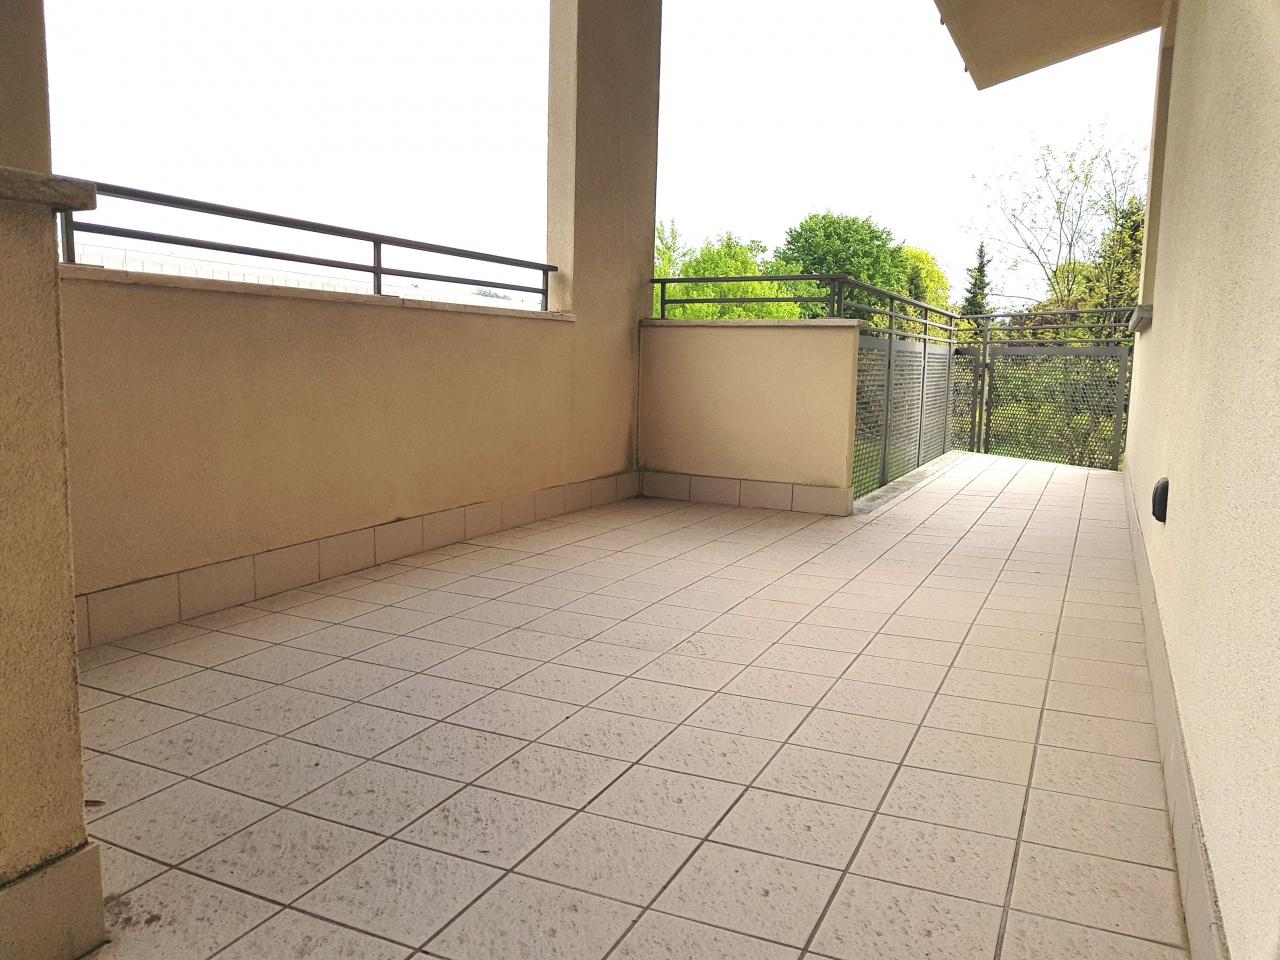 Appartamento MARIANO COMENSE NUOVOBILOCLASSEAMARC